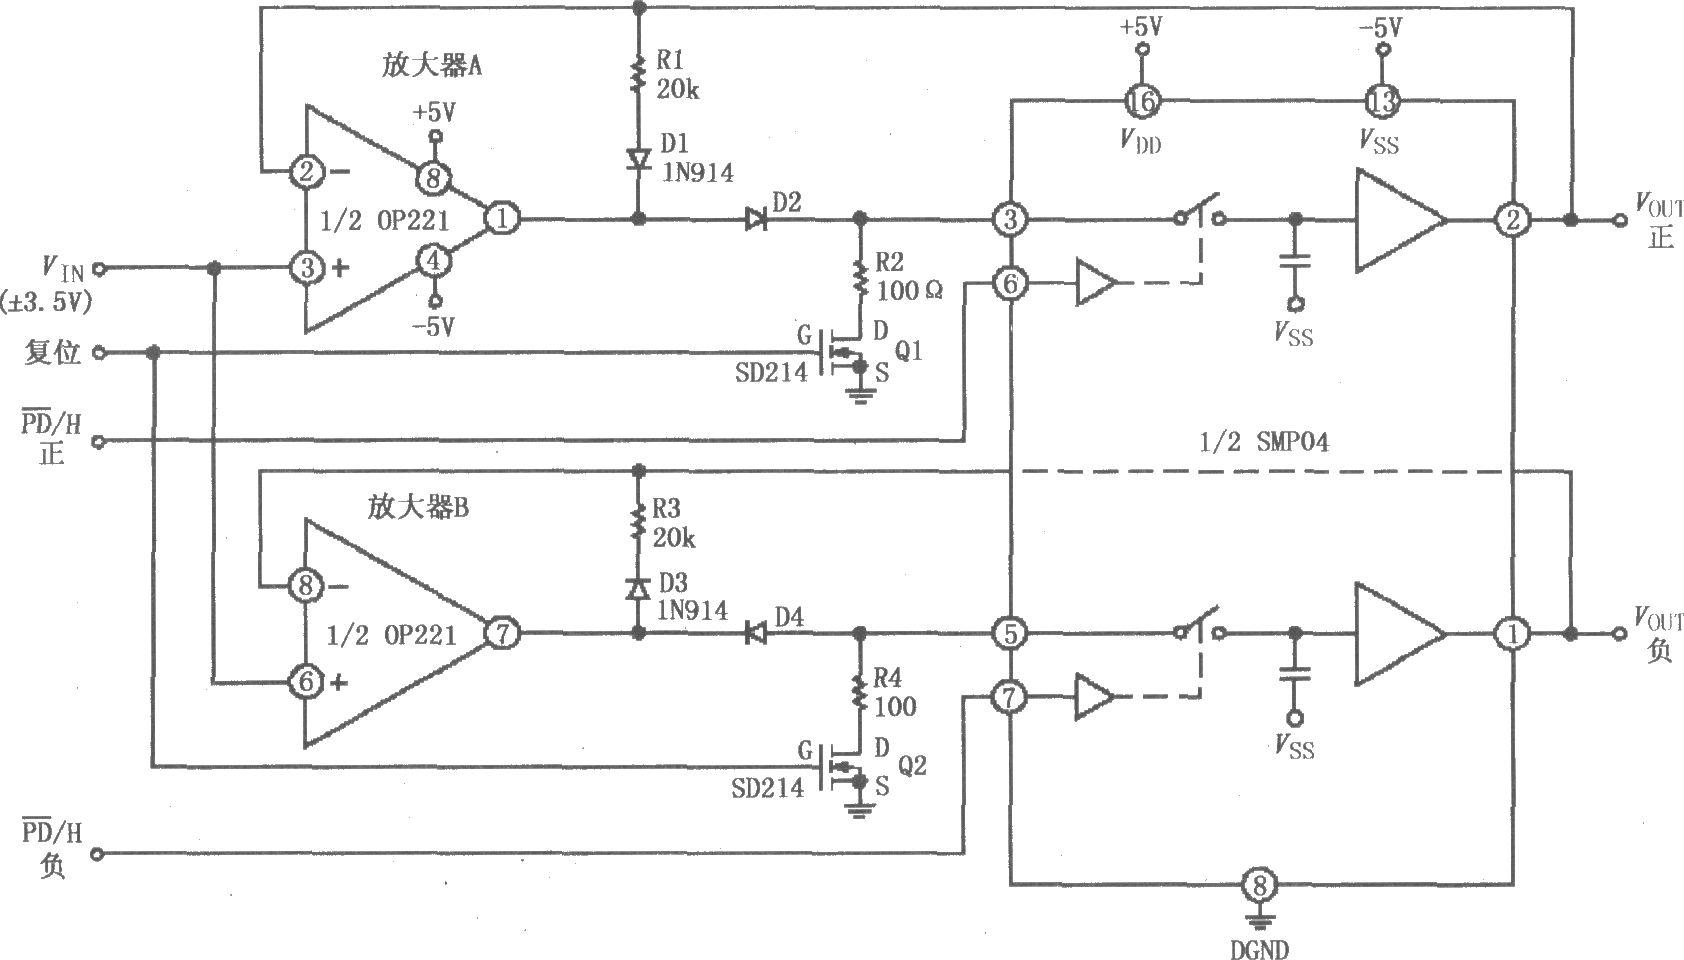 如图所示为由SMP04与运放构成的具有保持控制的正、负峰值检波电路。放大器A用于正峰值检波,放大器B用于负峰值检波。假定SMP04内部采样保持开关闭合,当正输入电压VIN上升时,正峰值检波放大器A输出使D2导通、D1截止,放大器A的反馈回路断开,采样保持放大器SMP04输出VOUT正跟踪输入变化。相反,负峰值检波放大器B输出使D4截止、D3导通,采样保持放大器SMP04输出VOUT负保持最后一次最大输入负峰值电压。正输入电压 VIN从最大值下降,当低于保持电容上电压时,D2截止、D1导通,采样保持